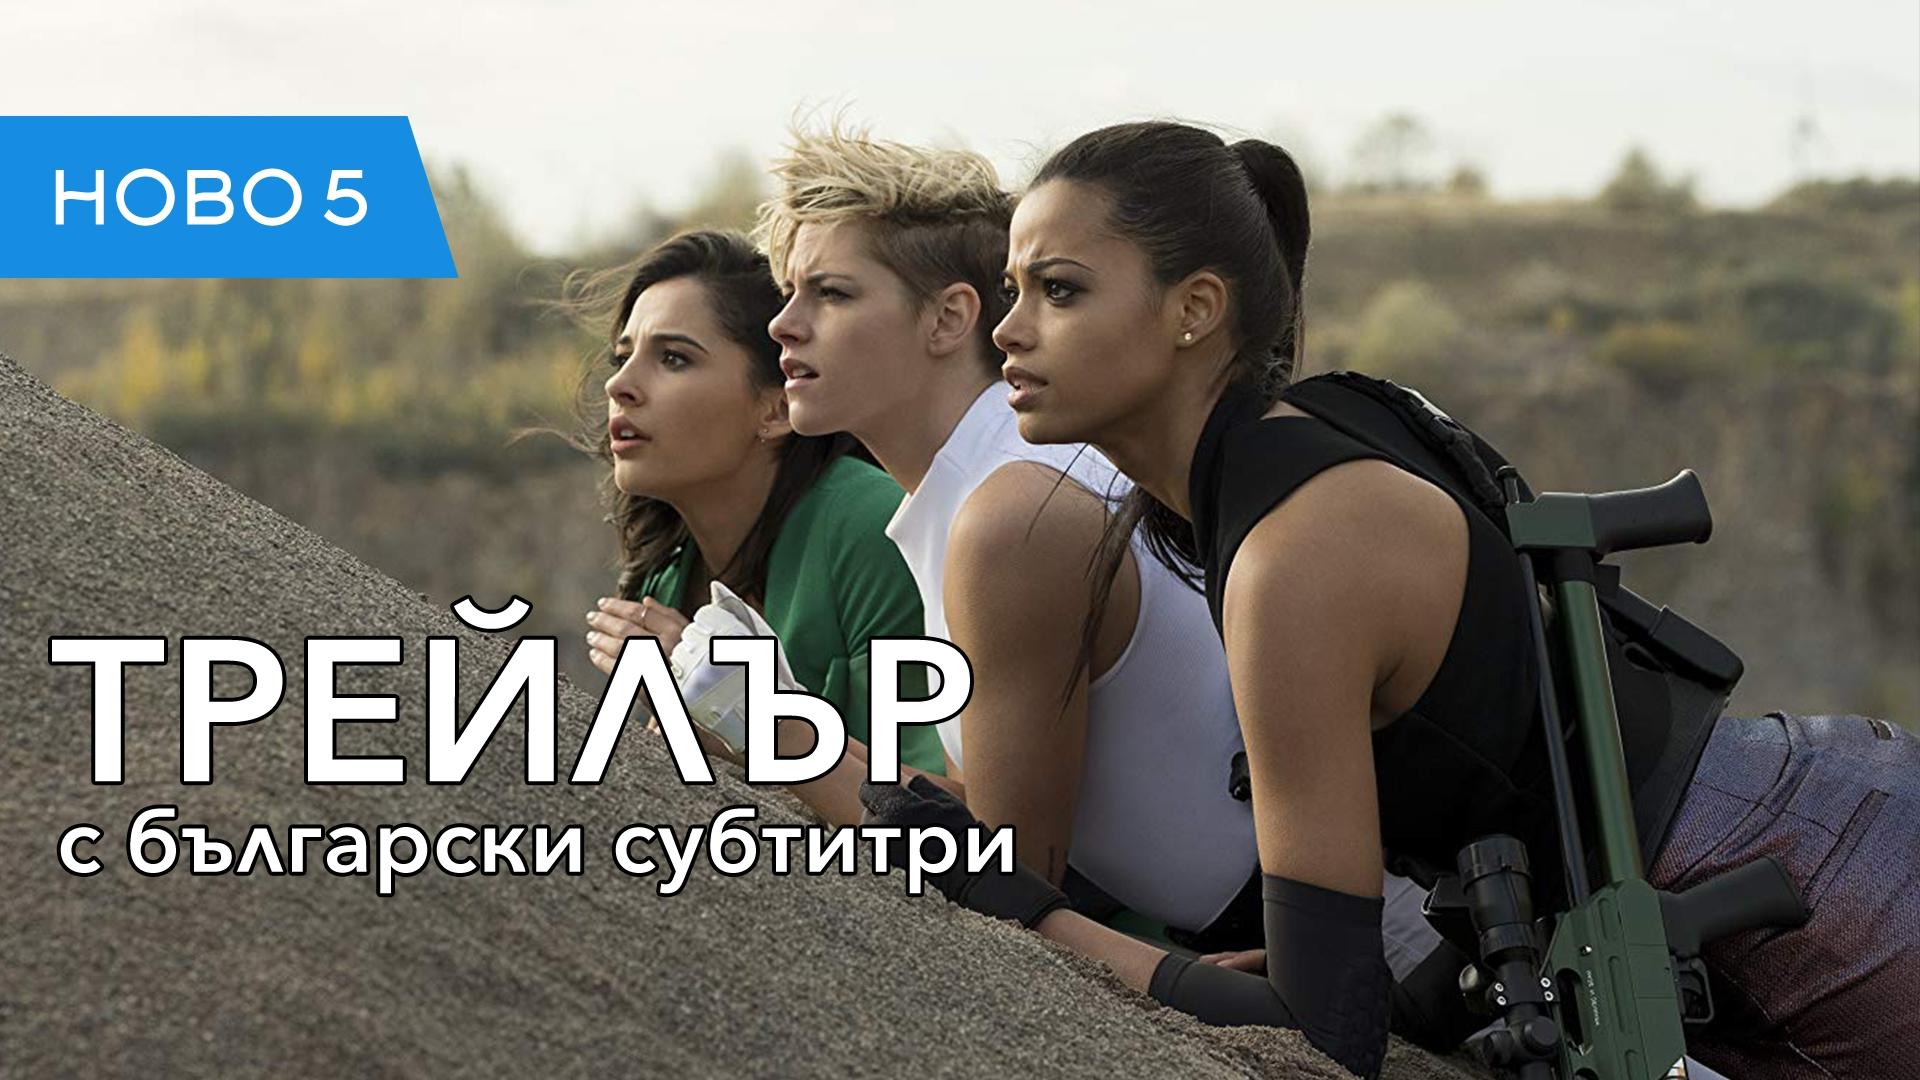 Новите ангели на Чарли (2019) трейлър с български субтитри